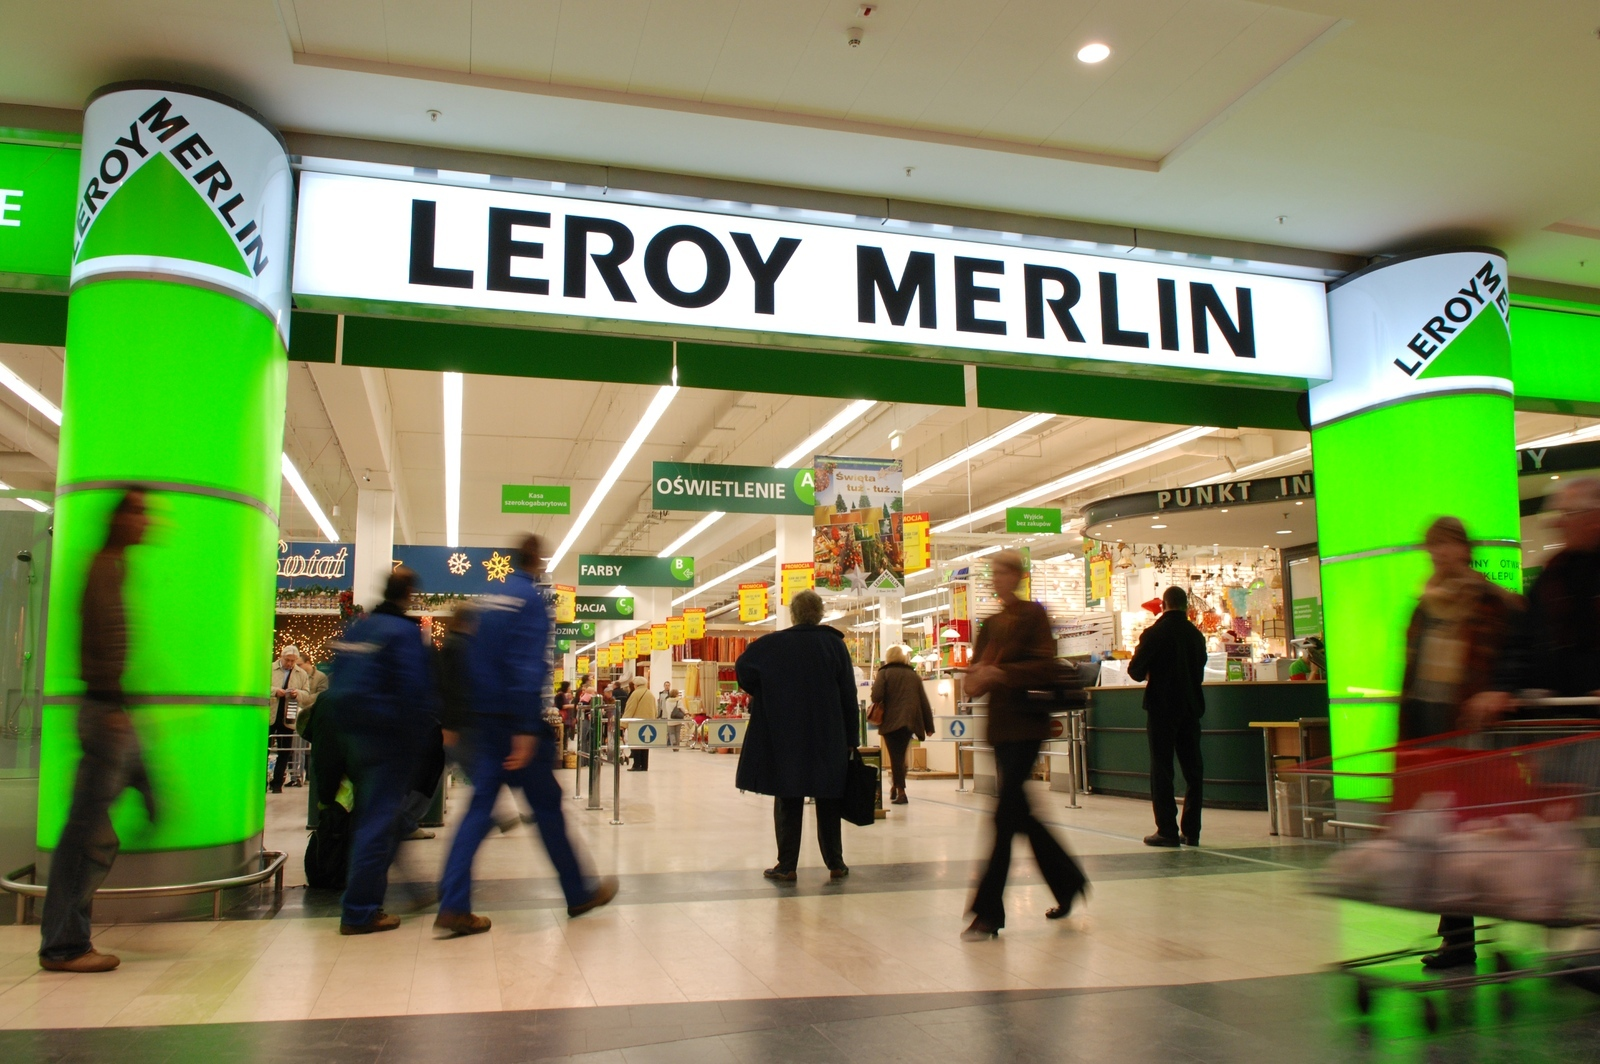 Leroy merlin blog de opcionis for Leroy merlin contacto